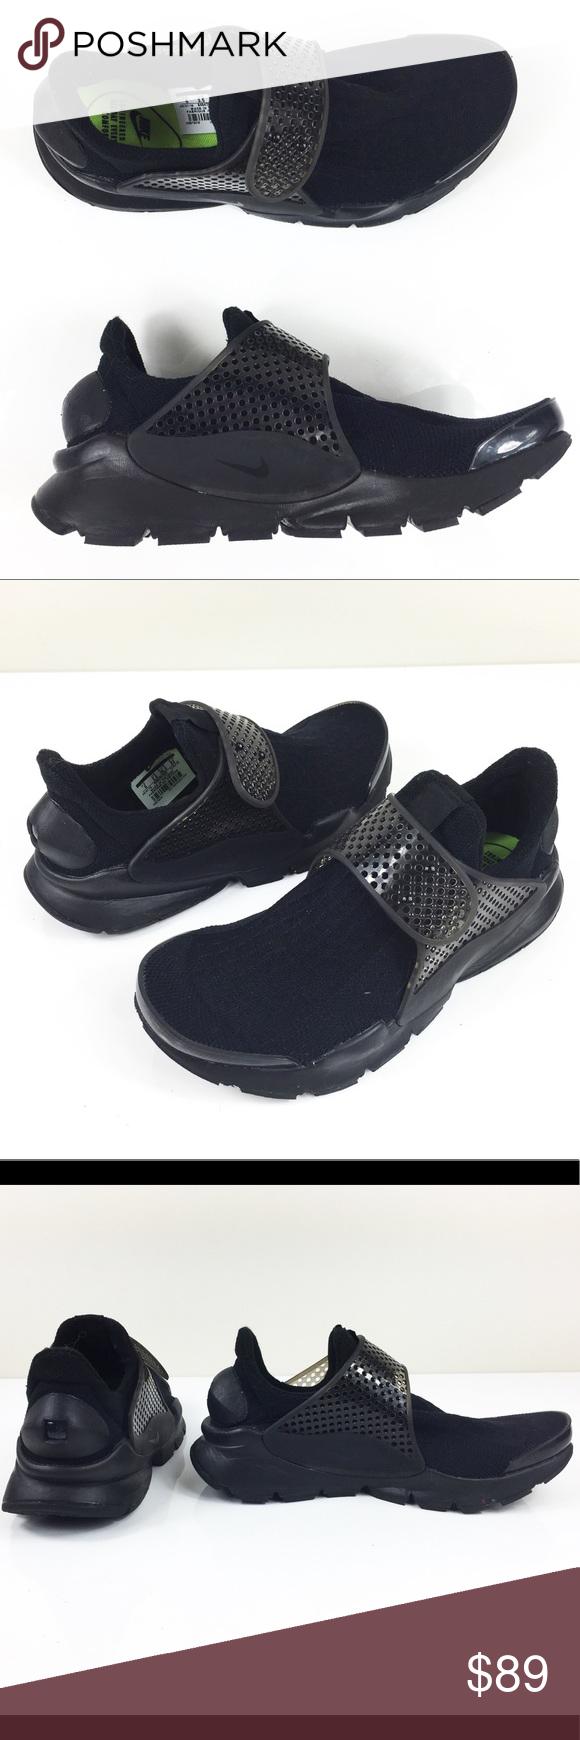 socks/feet/shoe | Pinterest | Socks